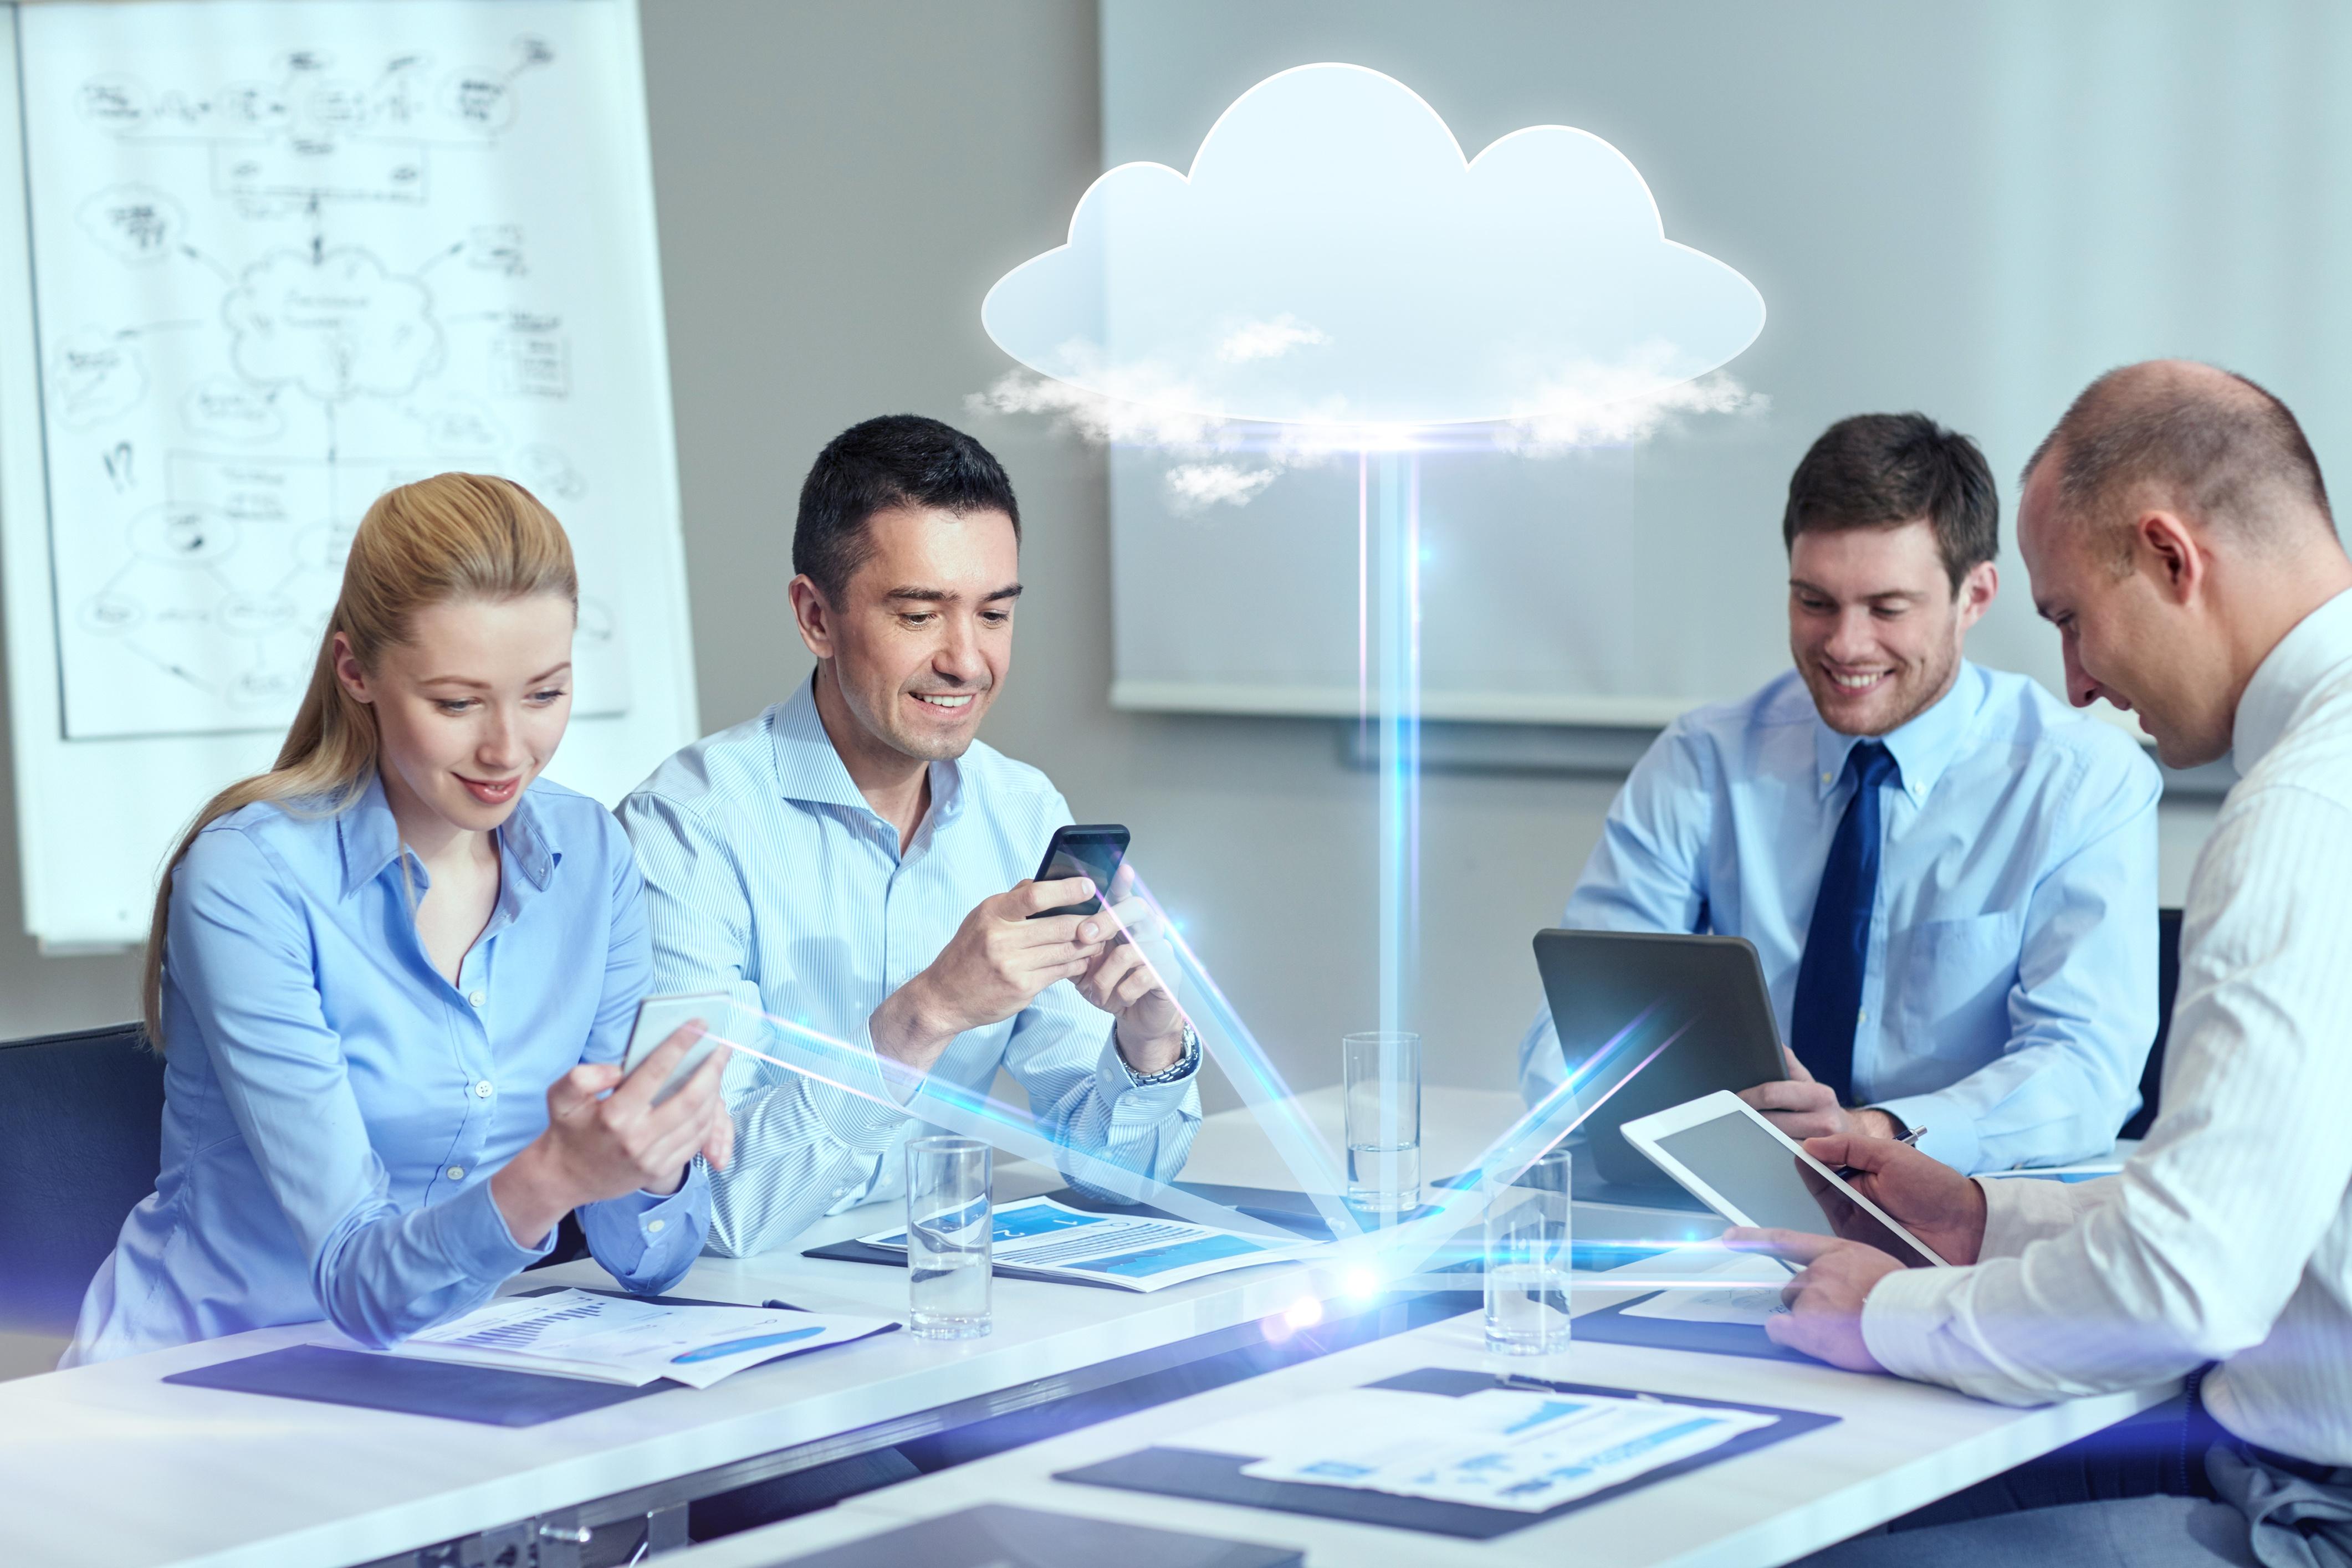 E_Q_cloud_menschen_team_meeting_vernetzt_adobestock_ID75766269_standardlizenz_keinablaufdatum